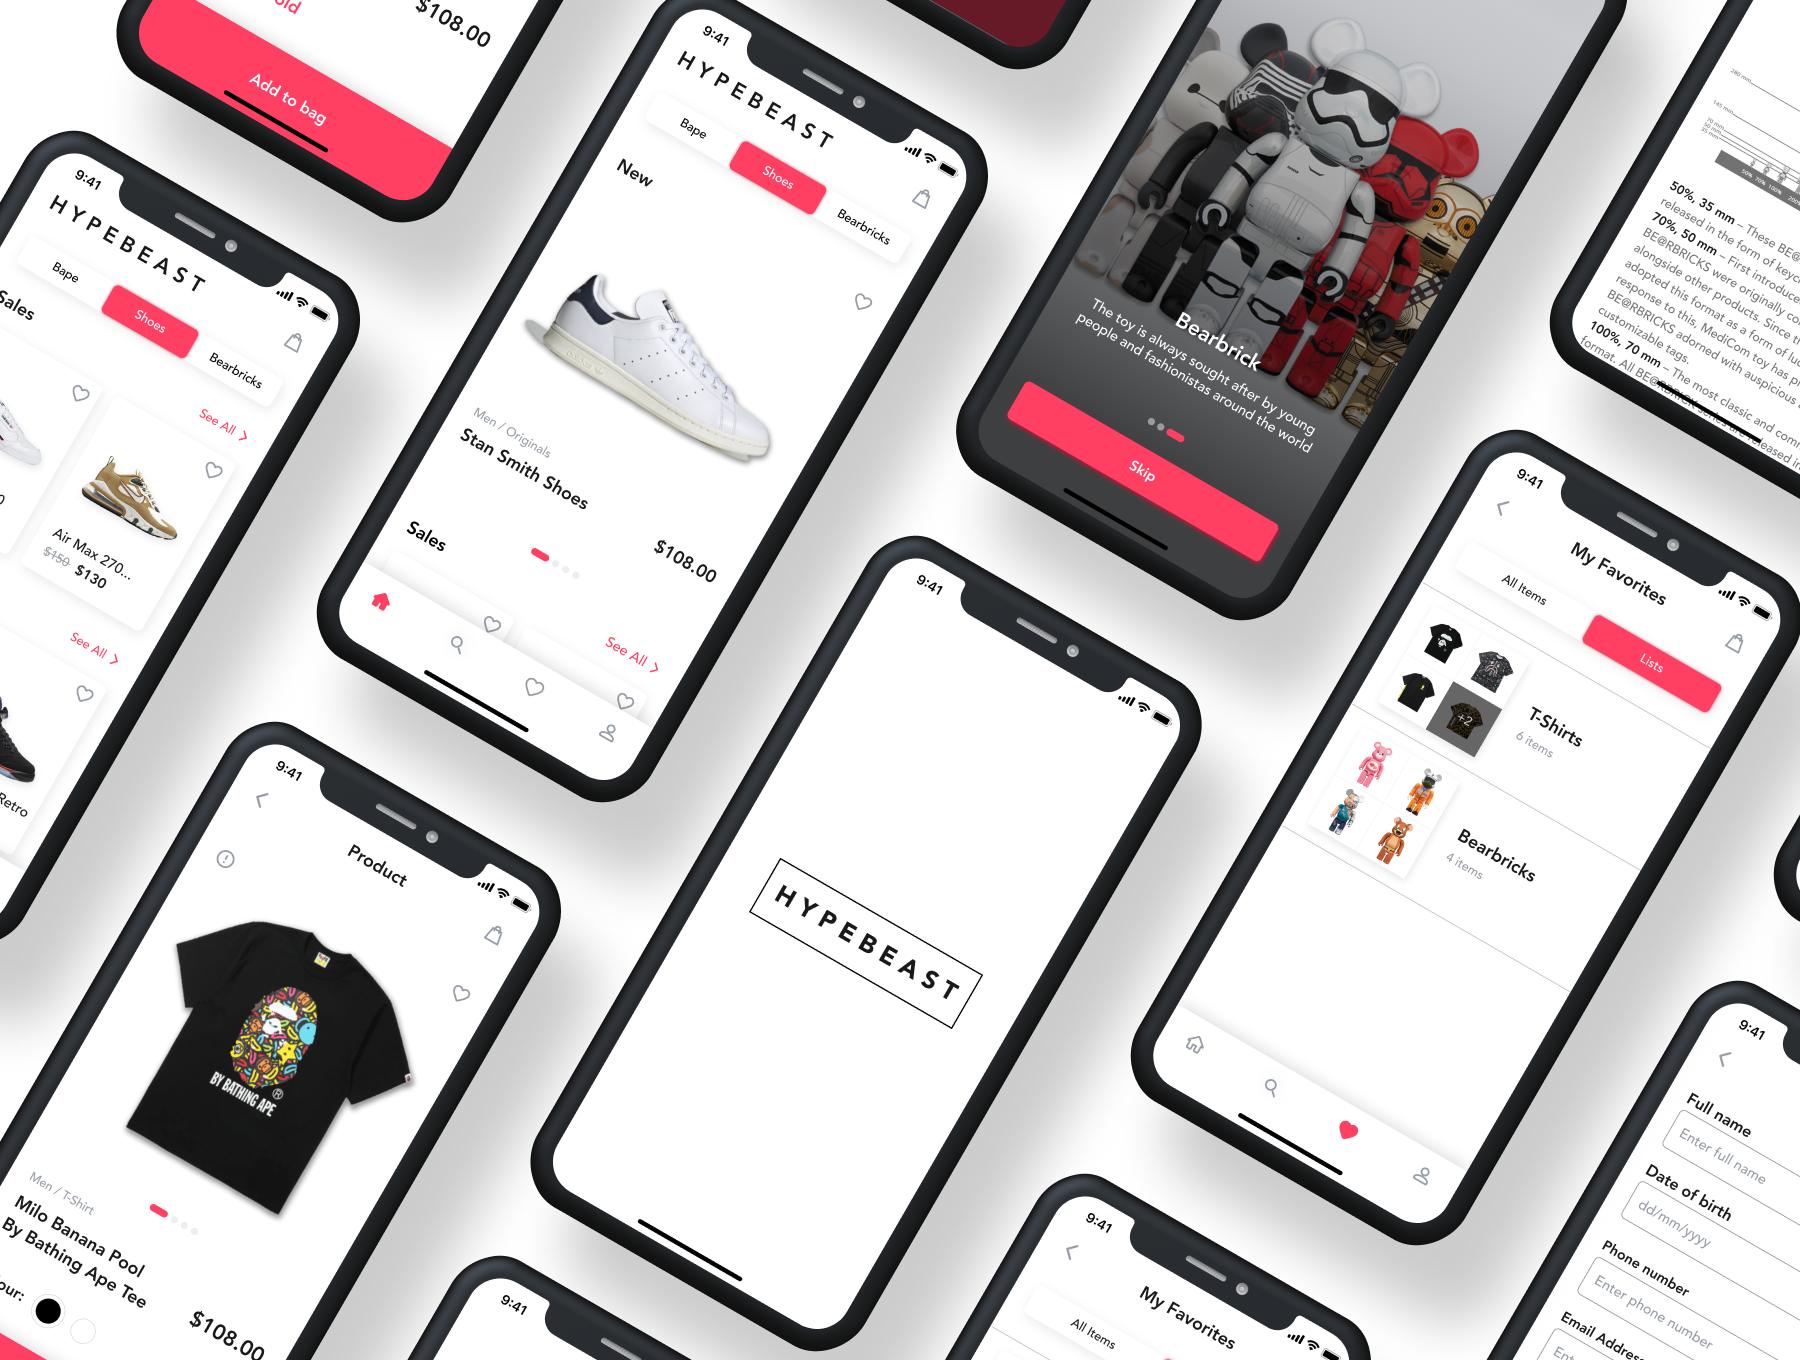 在线购物电子商务应用程序APP UI套件FIG模板 HypeBeast – E-commerce App UI Kit插图(1)